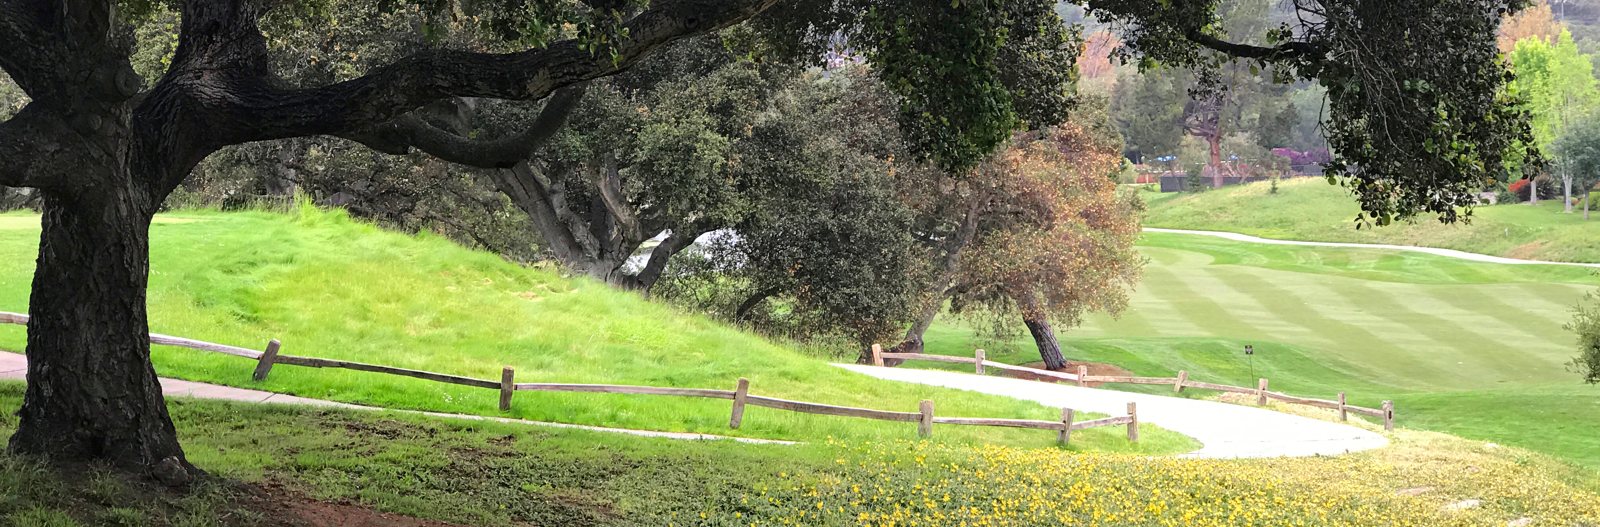 Carmel Valley Ranch_Golf_Oak Tree_v1_current